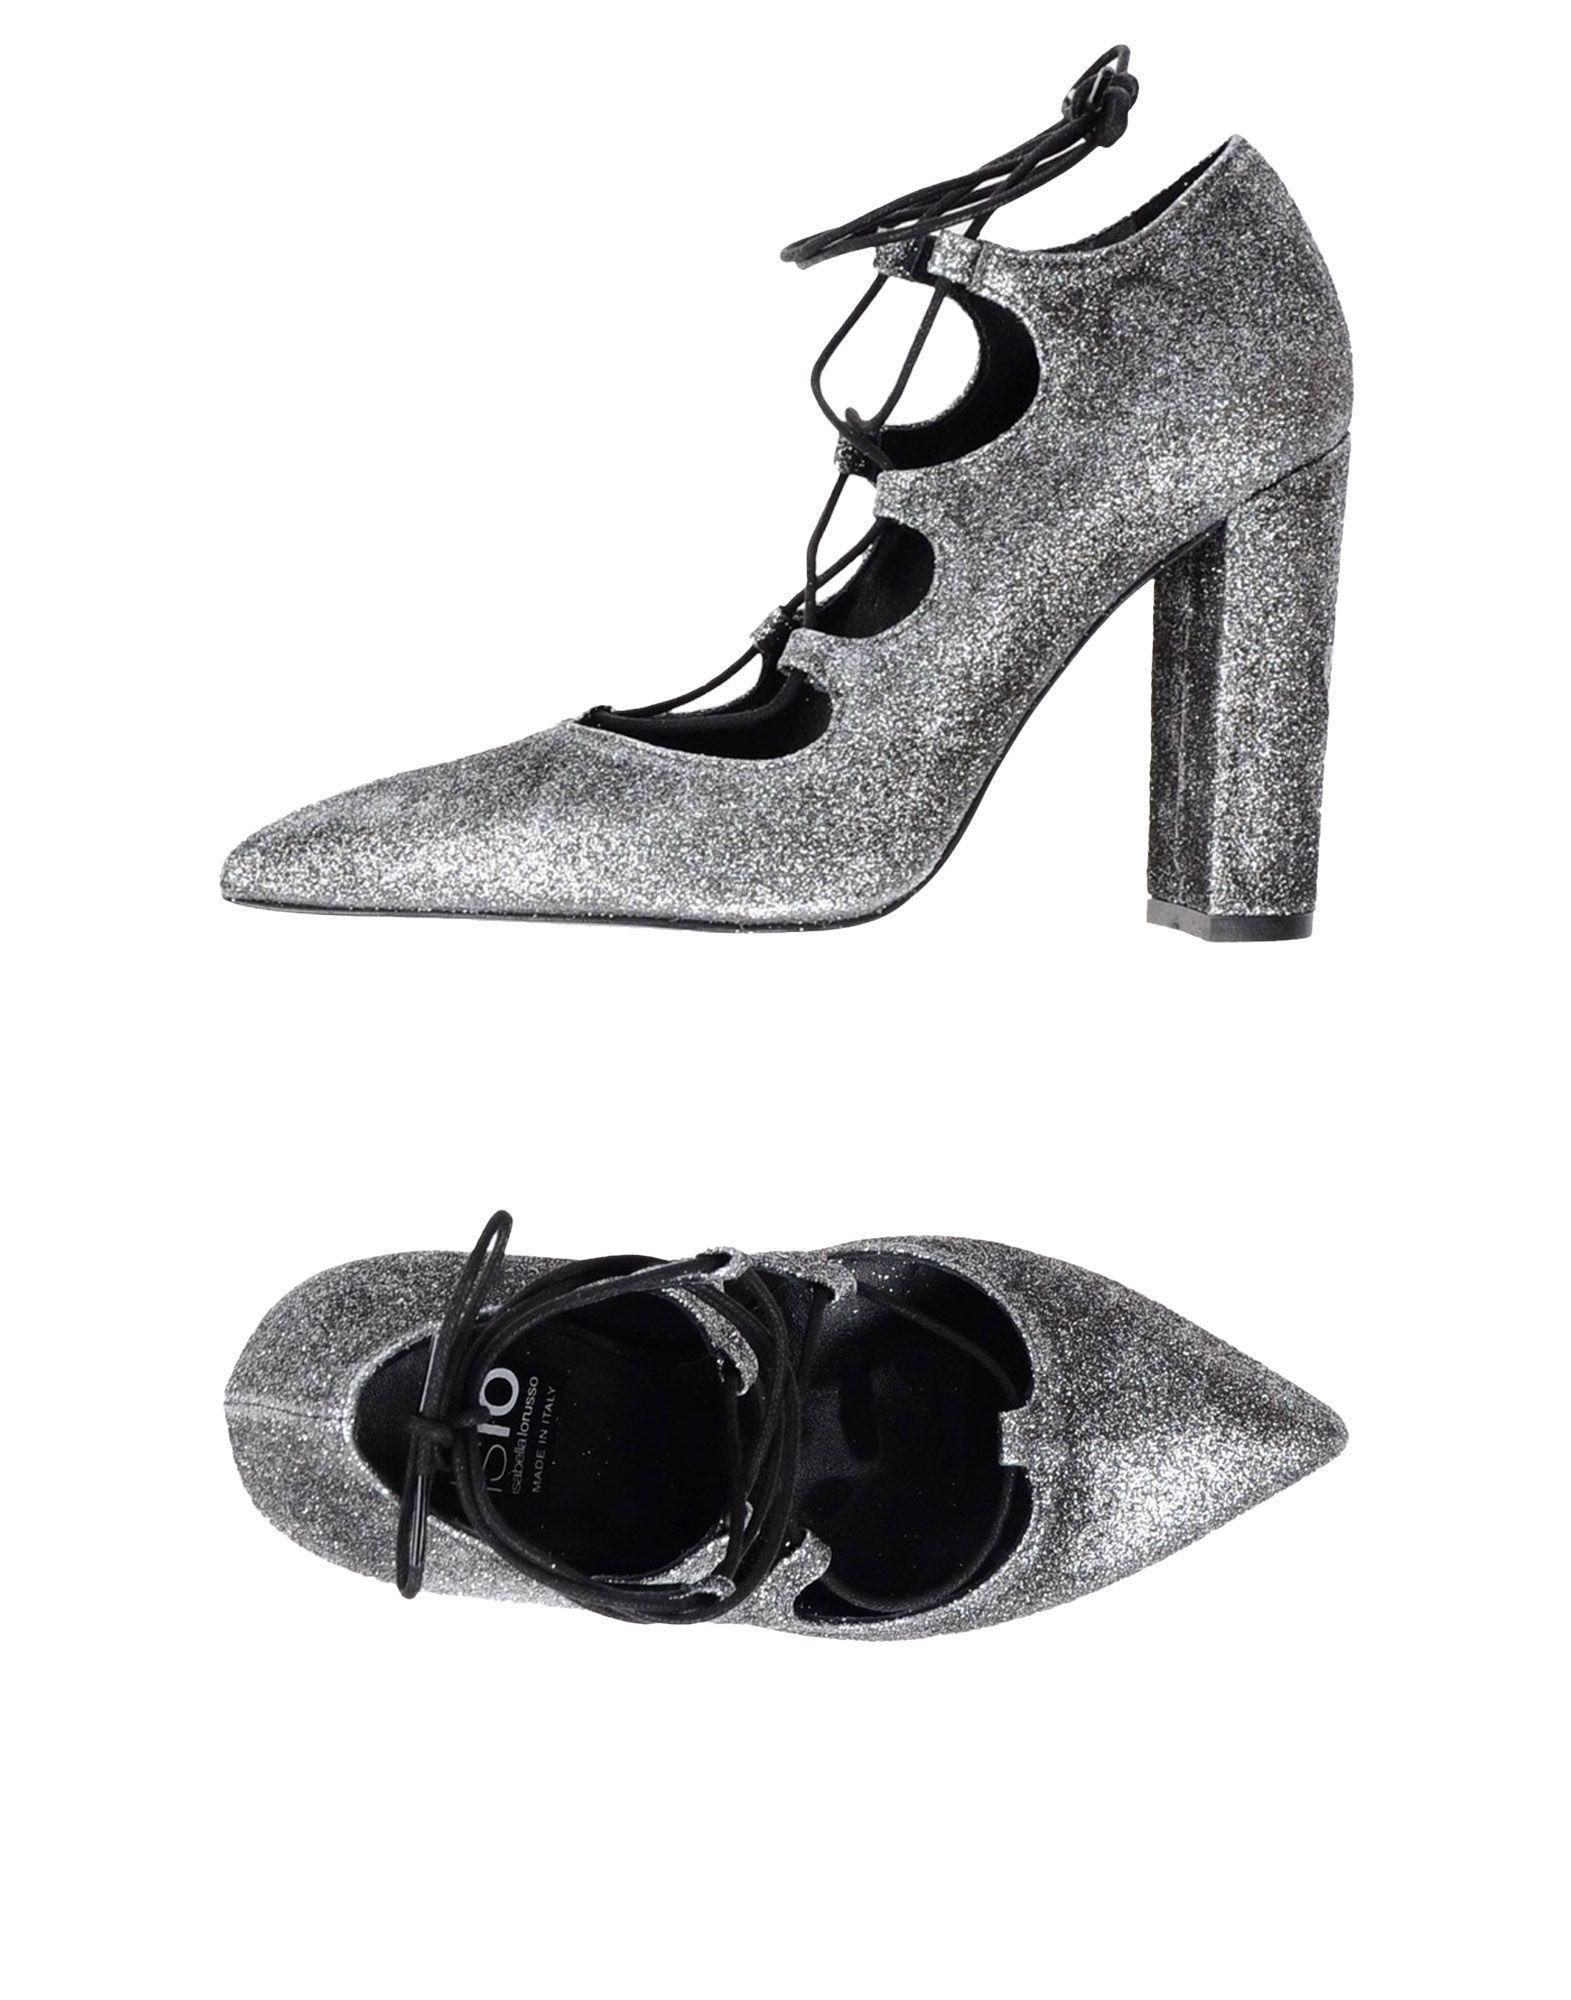 Islo Isabella Lorusso Pumps Damen  11233242ID Gute Qualität beliebte Schuhe